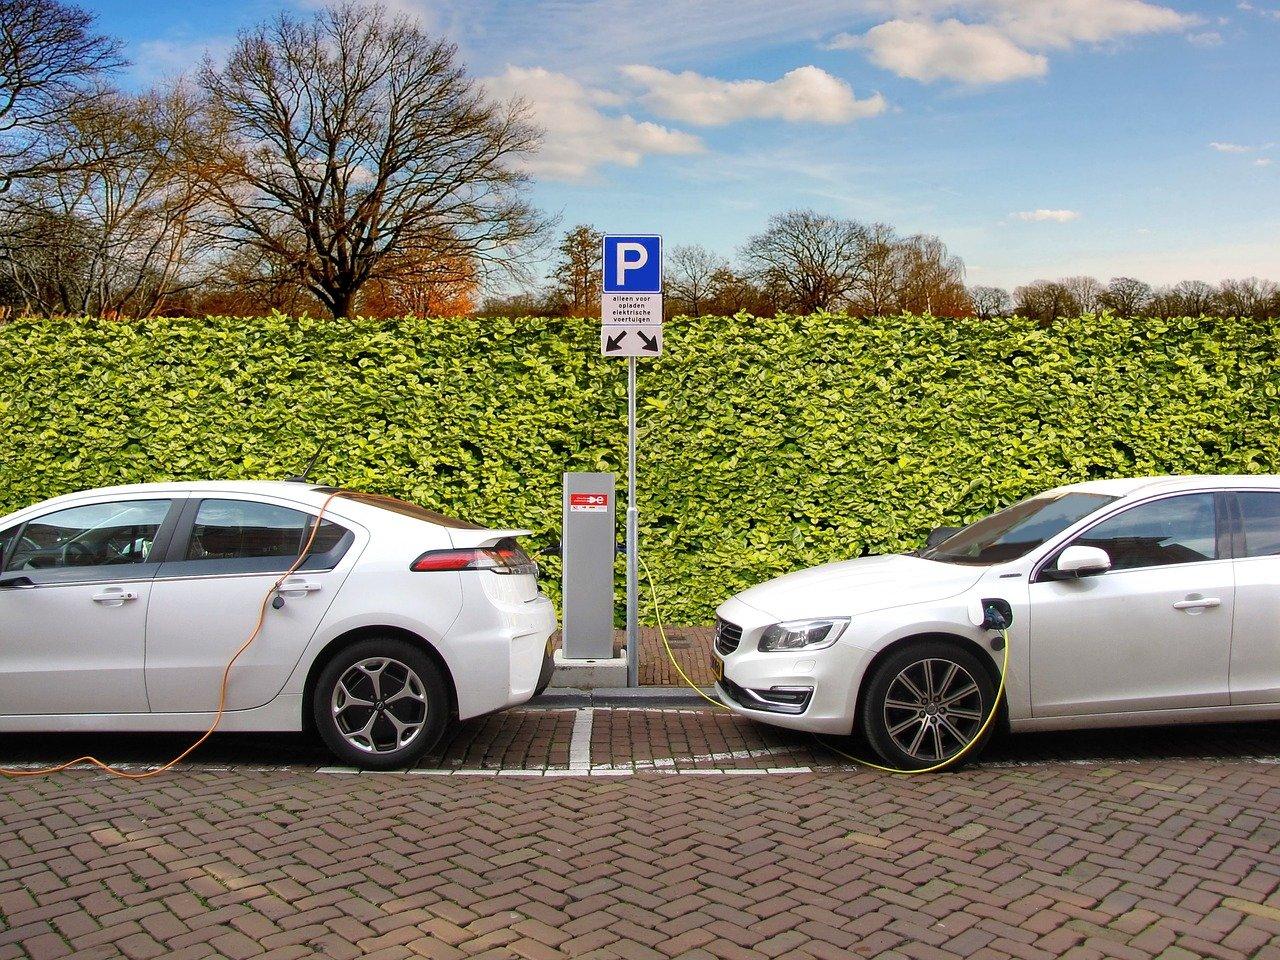 Prime à la transition, 1 000 euros pour une électrique d'occasion, et 100 000 bornes de recharge sur le territoire : le ministère de la Transition écologique a donné lundi un coup d'accélérateur au marché des voitures électriques.